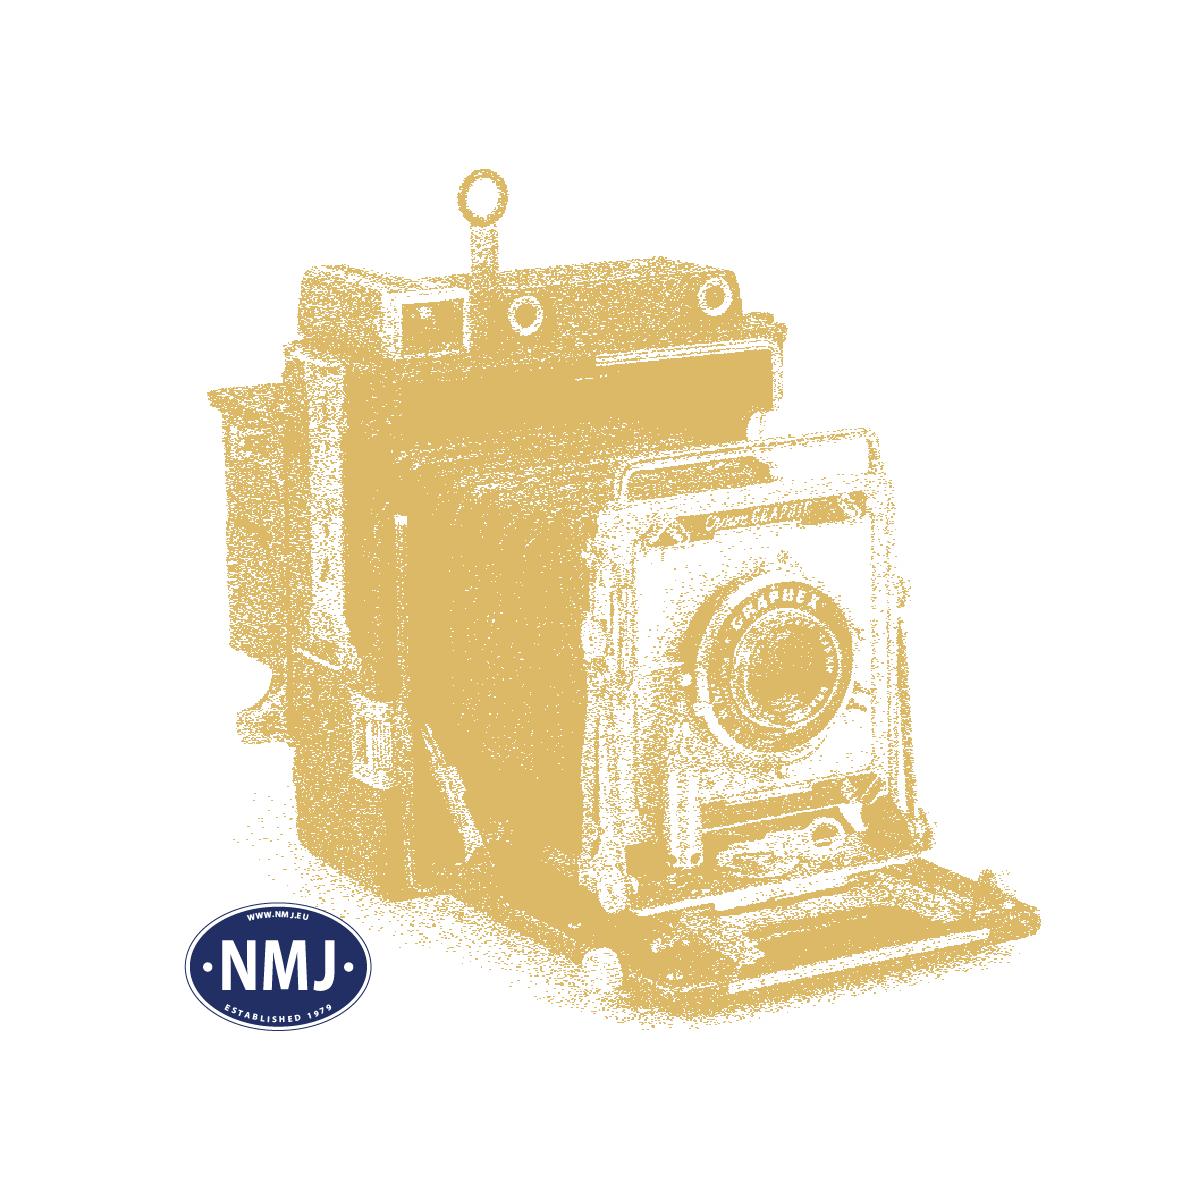 NMJT507.115 - NMJ Topline CargoNet Lgns 42 76 443 2253-4, Post Nord